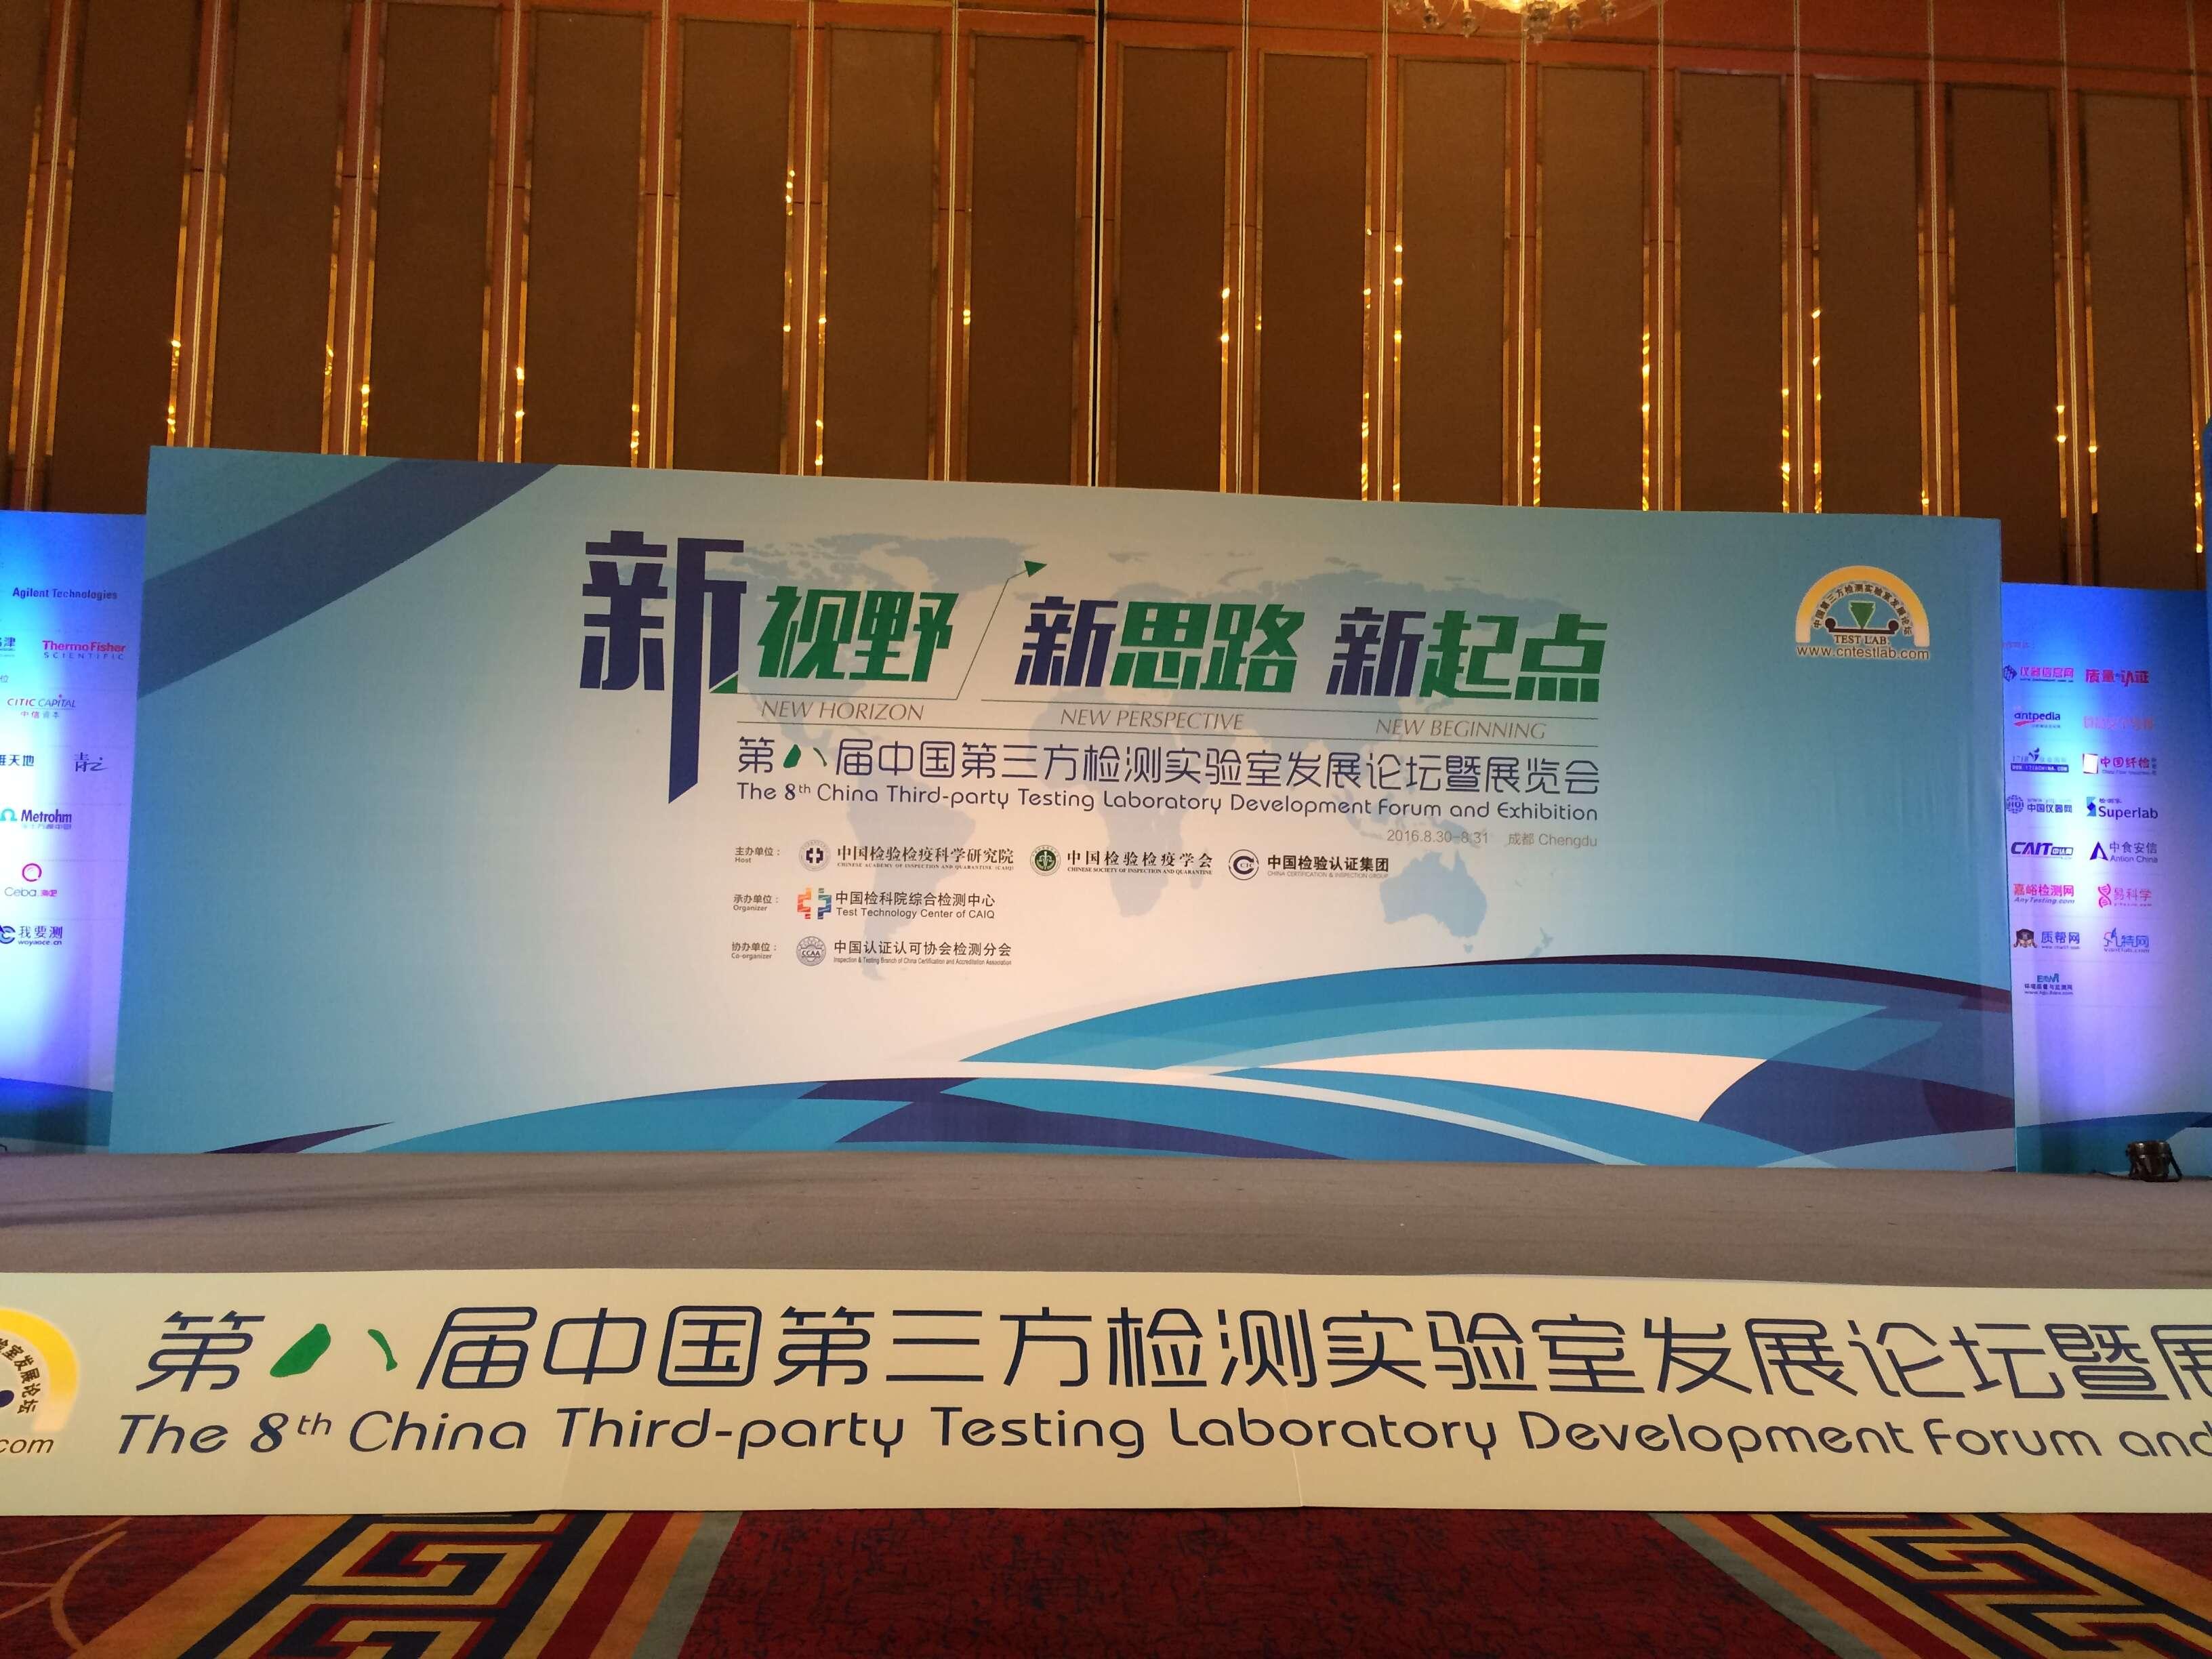 第八届中国第三方检测实验室发展论坛今日在成都隆重举办